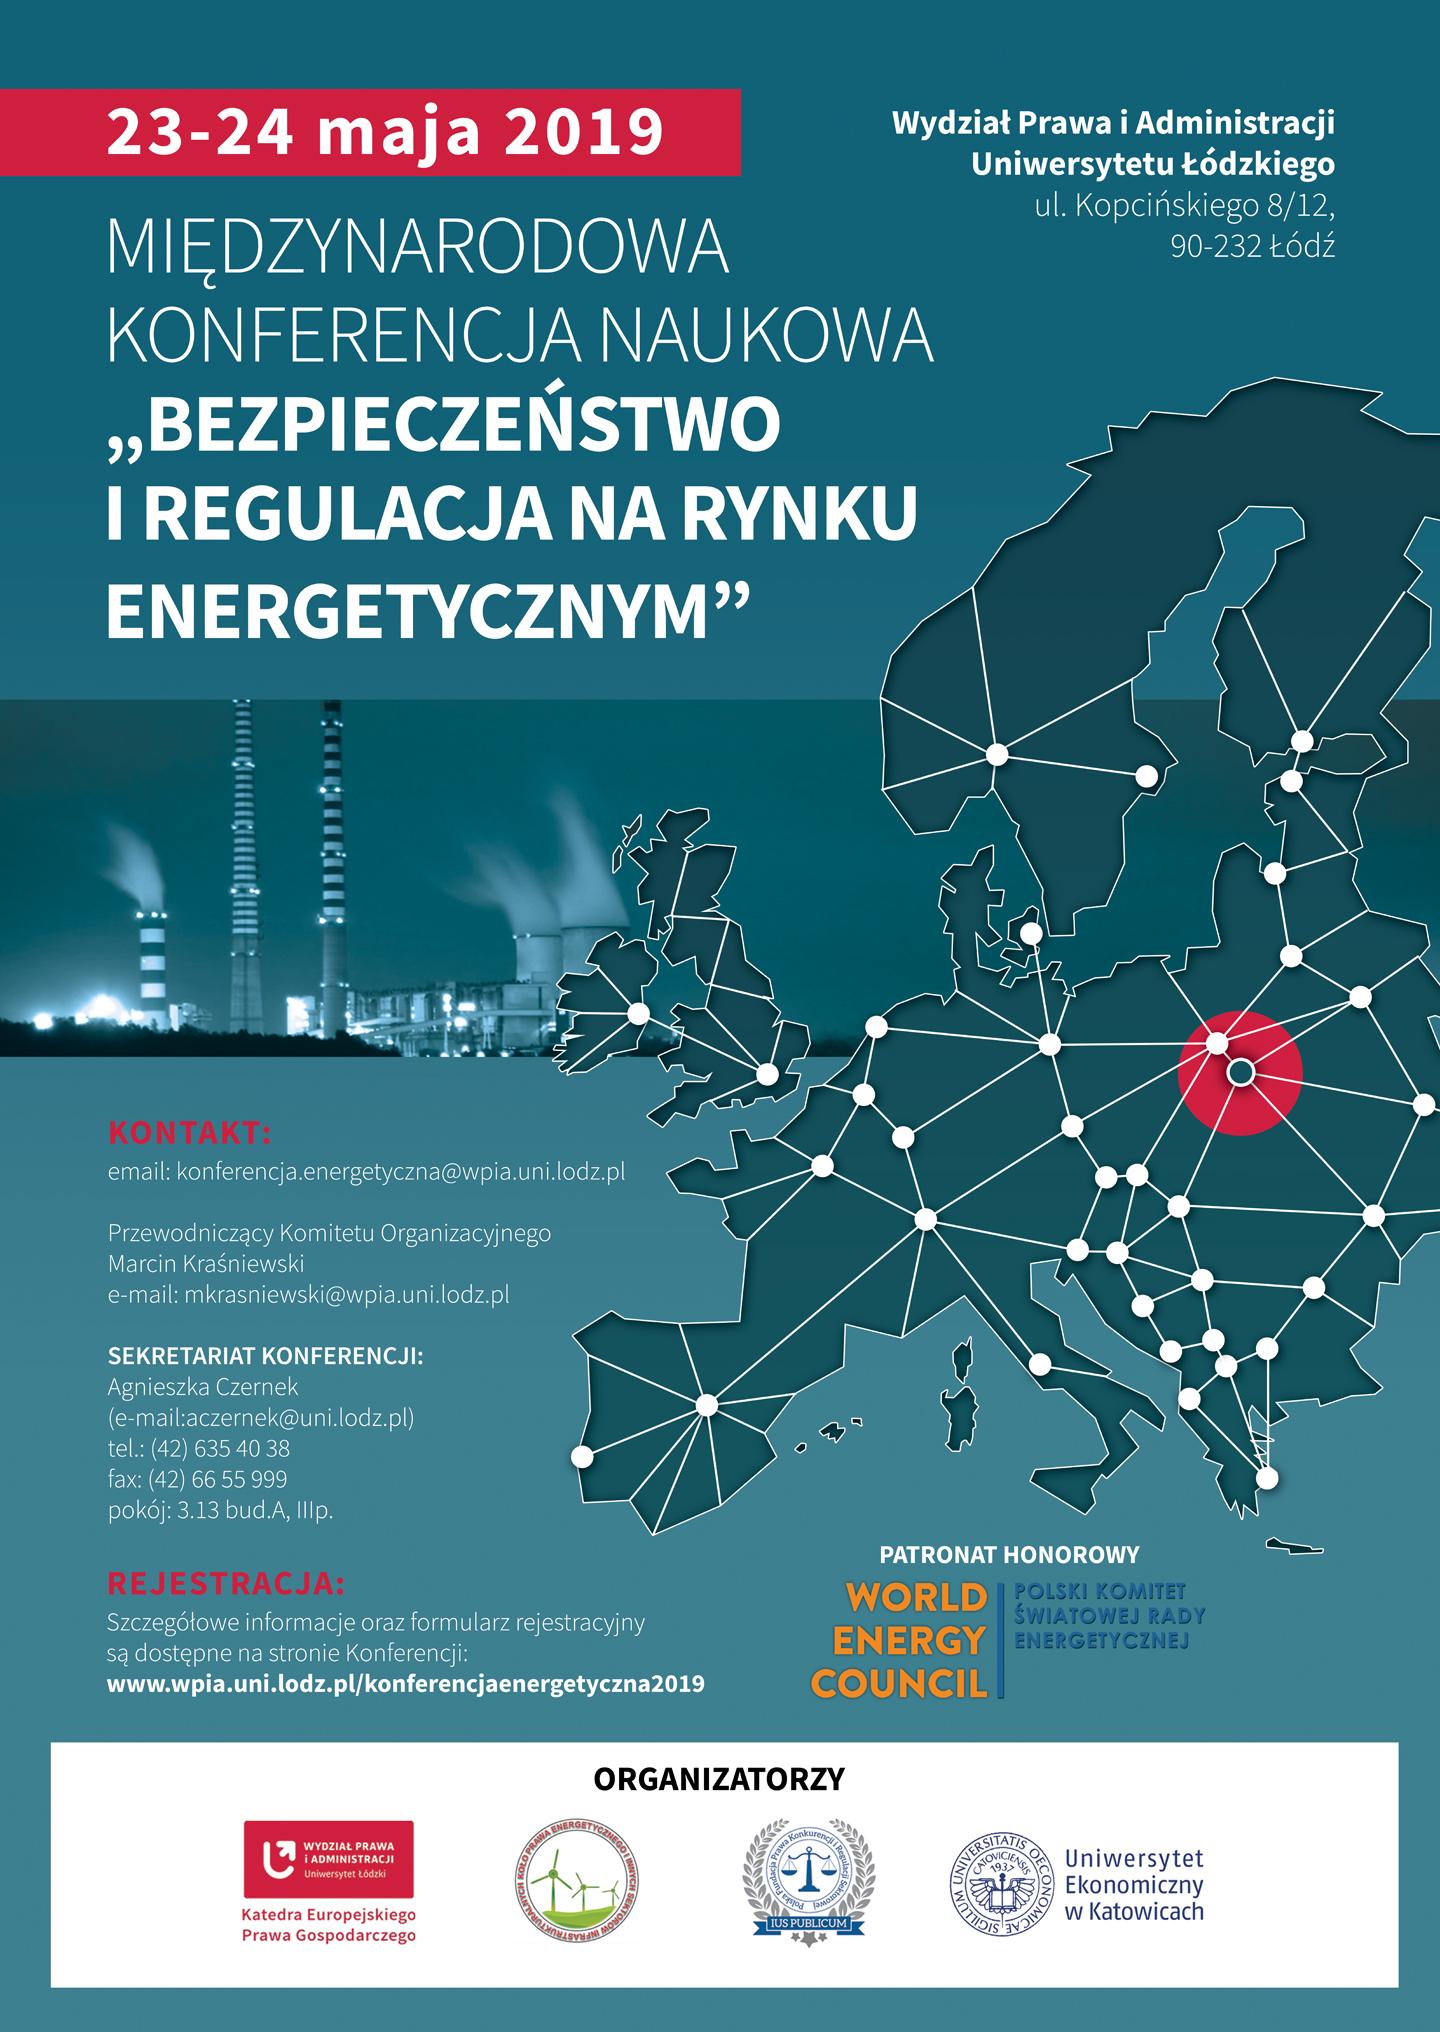 """Międzynarodowa Konferencja Naukowa """"Bezpieczeństwo i regulacja na rynku energetycznym"""""""